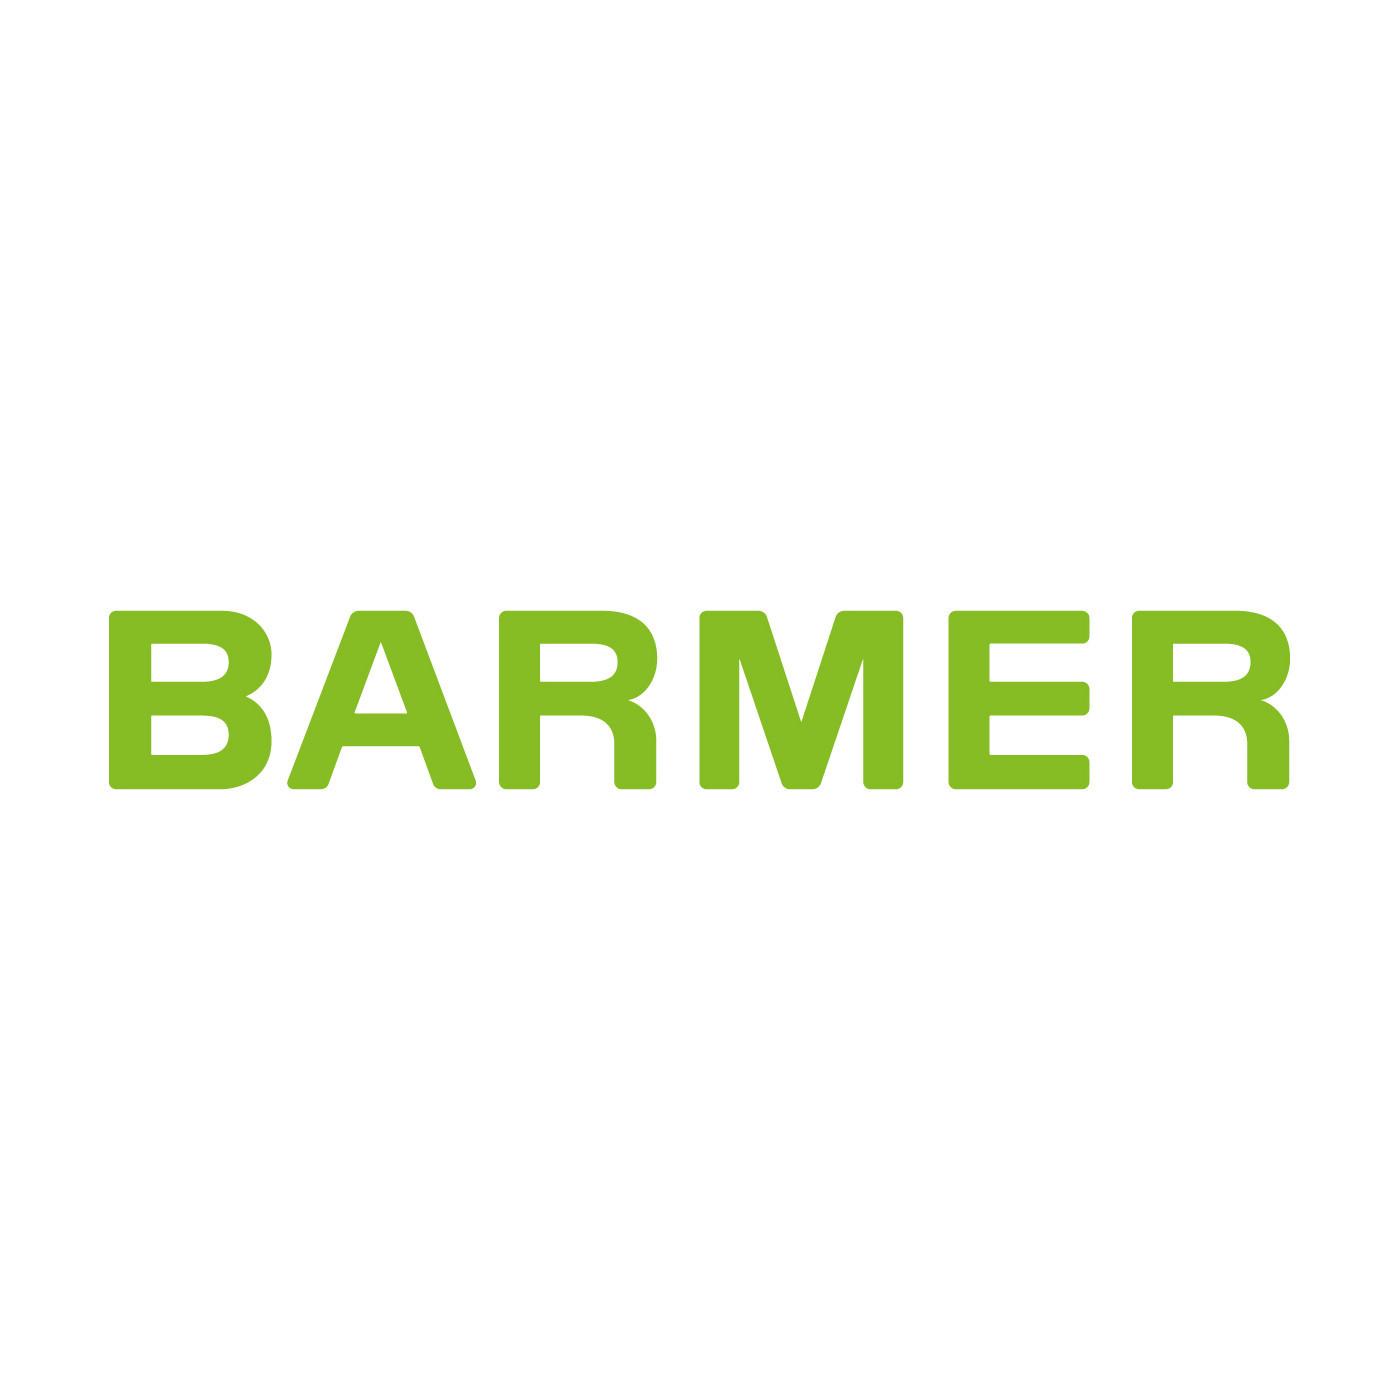 BARMER imkreis